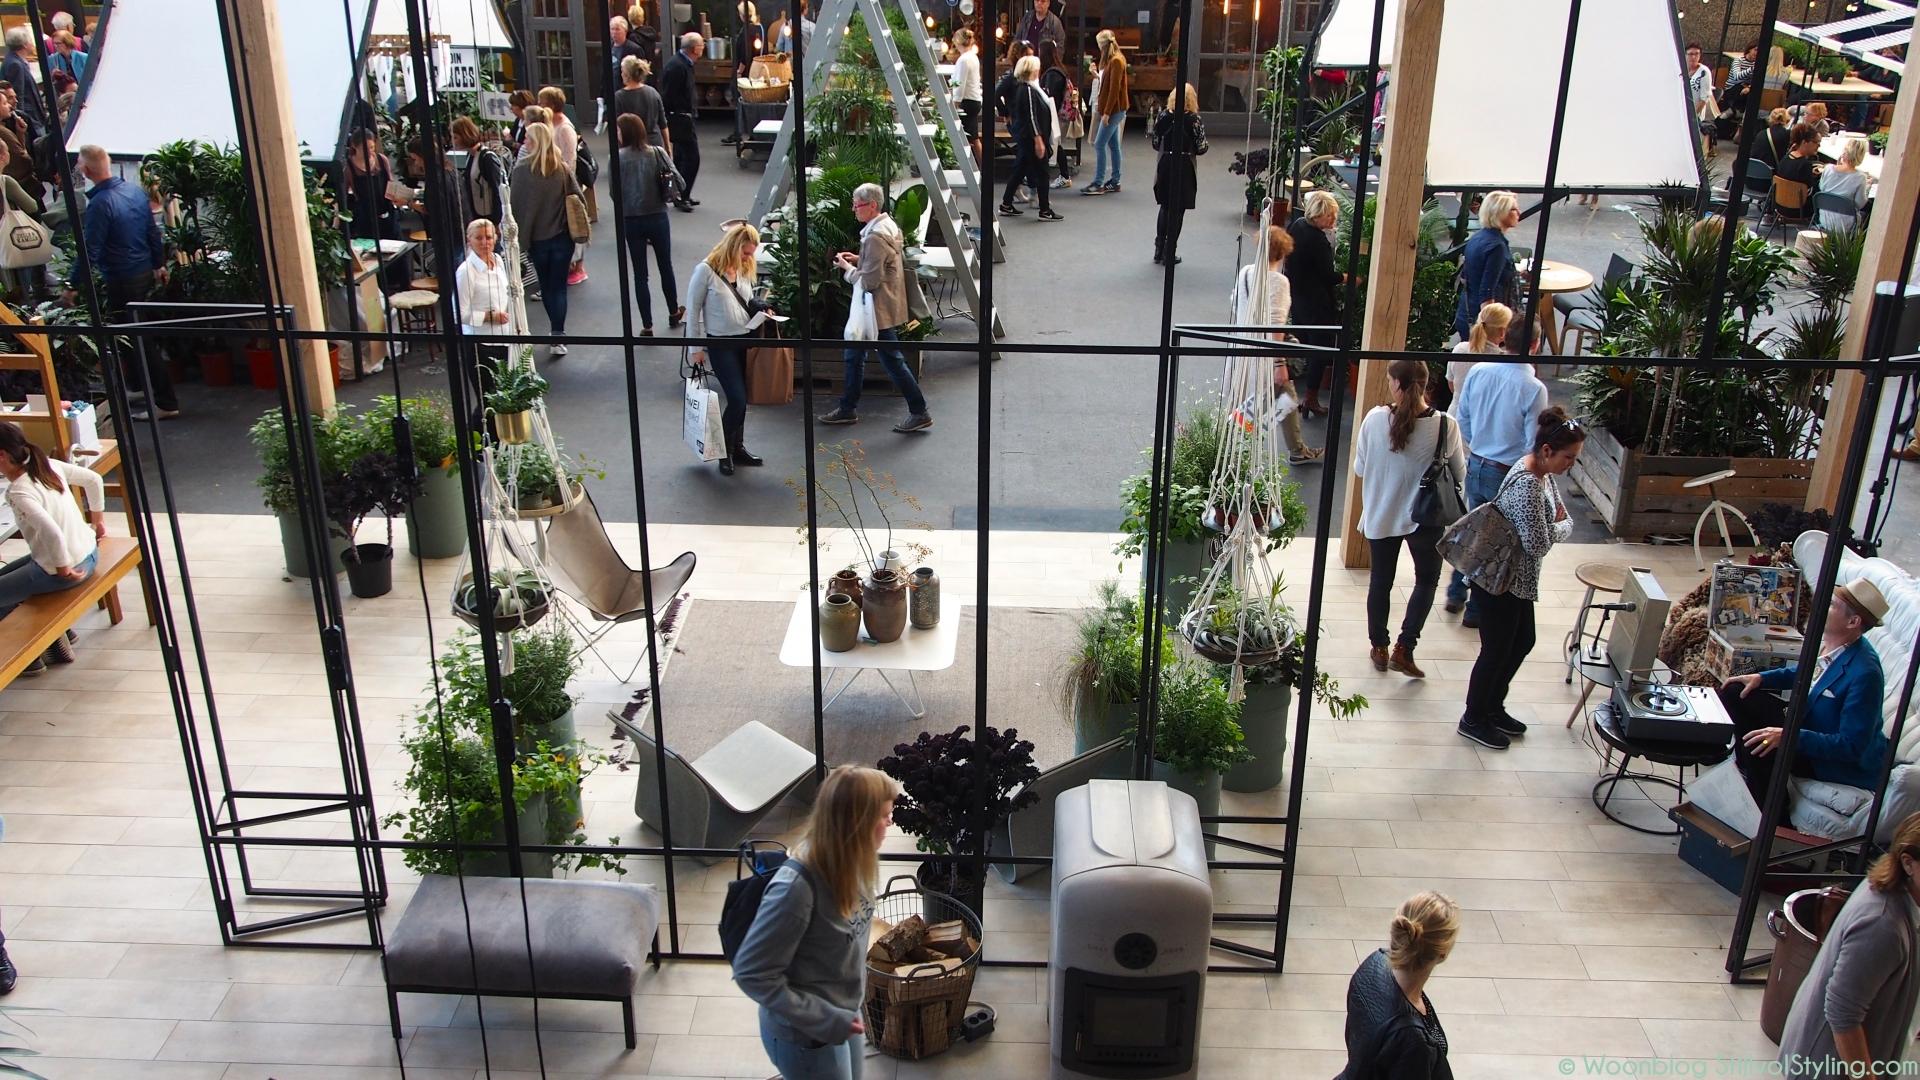 Woonnieuws vt wonen design beurs stijlvol styling for Huis en interieur beurs